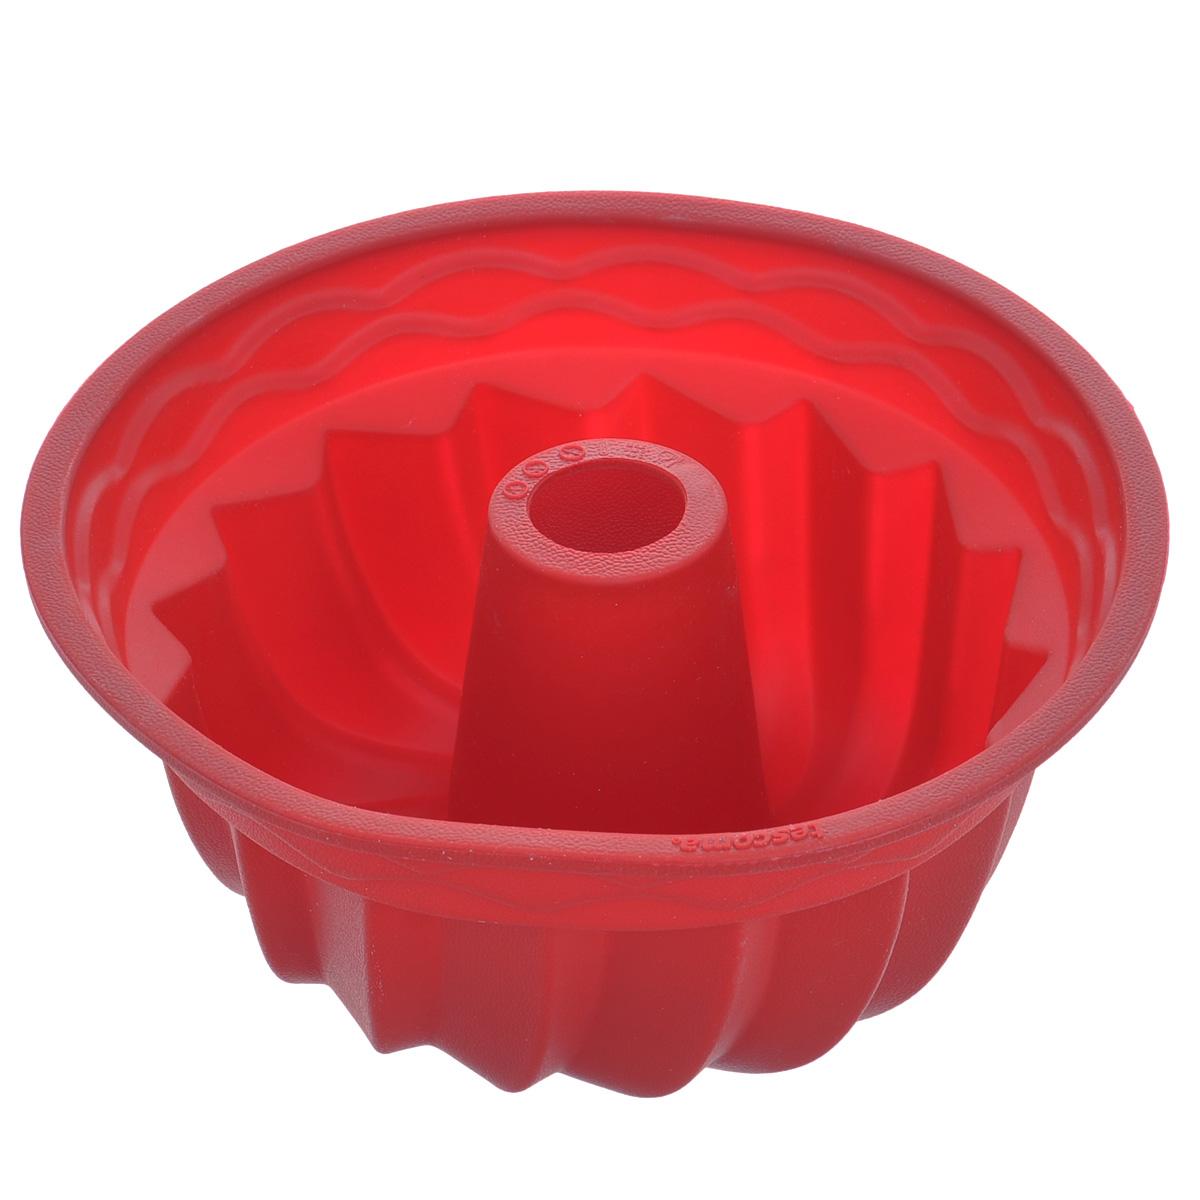 Форма для выпечки кекса Tescoma Delicia Silicone, круглая, цвет: красный, диаметр 24 см629224Круглая форма Tescoma Delicia Silicone будет отличным выбором для всех любителей выпечки. Благодаря тому, что форма изготовлена из силикона, готовую выпечку вынимать легко и просто. Стенки формы оснащены рельефной поверхностью. Форма прекрасно подходит для выпечки кексов. С такой формой вы всегда сможете порадовать своих близких оригинальной выпечкой. Материал изделия устойчив к фруктовым кислотам, может быть использован в духовках, микроволновых печах, холодильниках и морозильных камерах (выдерживает температуру от -40°C до 230°C). Антипригарные свойства материала позволяют готовить без использования масла. Можно мыть и сушить в посудомоечной машине. При работе с формой используйте кухонный инструмент из силикона - кисти, лопатки, скребки. Не ставьте форму на электрическую конфорку. Не разрезайте выпечку прямо в форме.